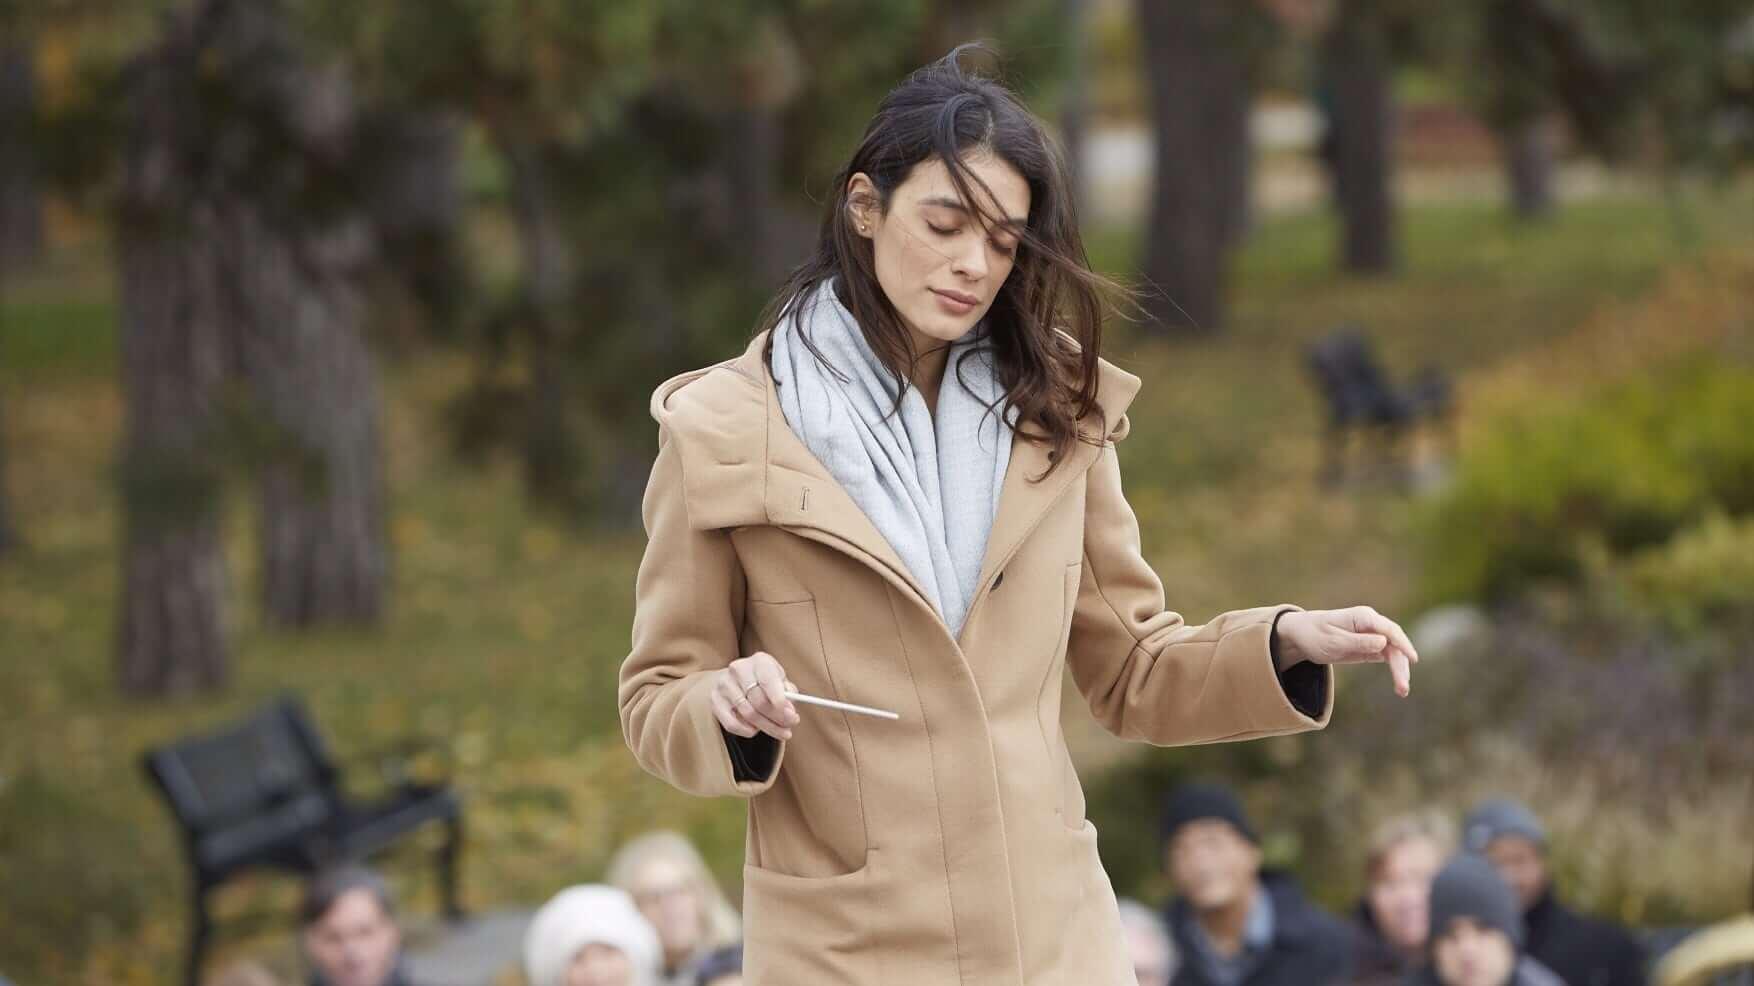 艾騰伊格言導演電影《特別嘉賓》中,蕾斯拉迪奧莉維拉飾演「路平教授」大衛休利斯的女兒。